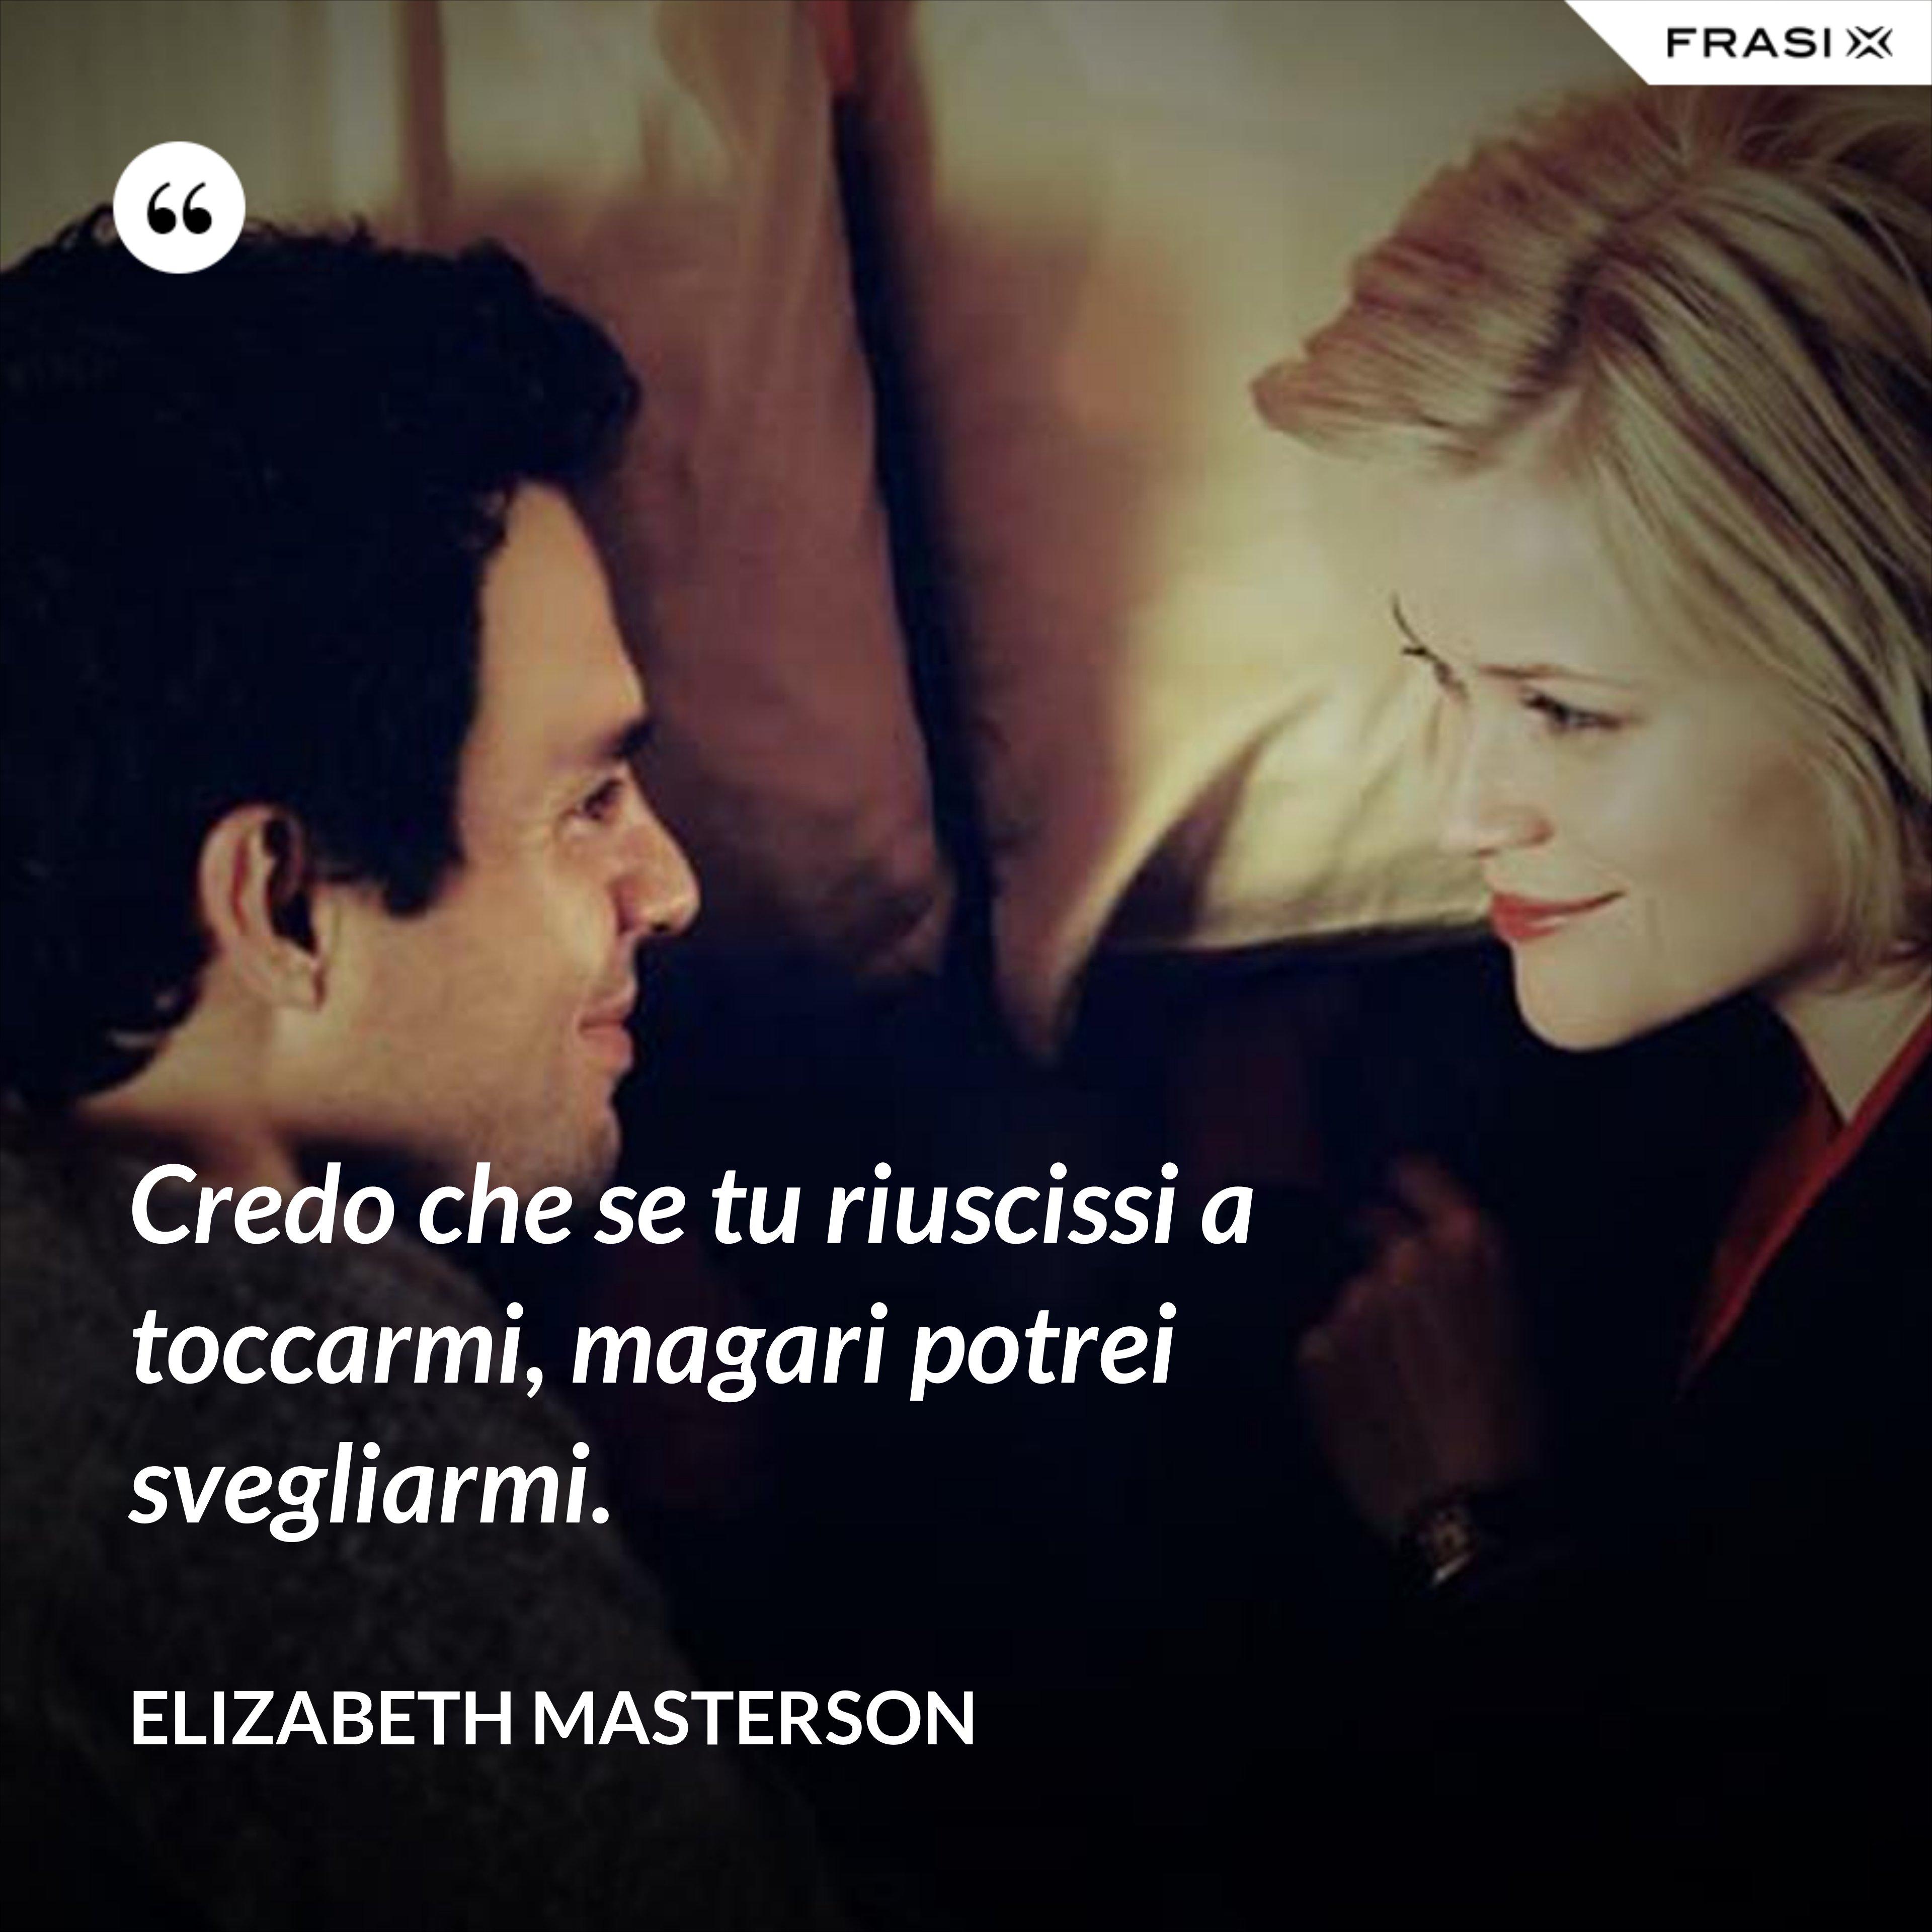 Credo che se tu riuscissi a toccarmi, magari potrei svegliarmi. - Elizabeth Masterson